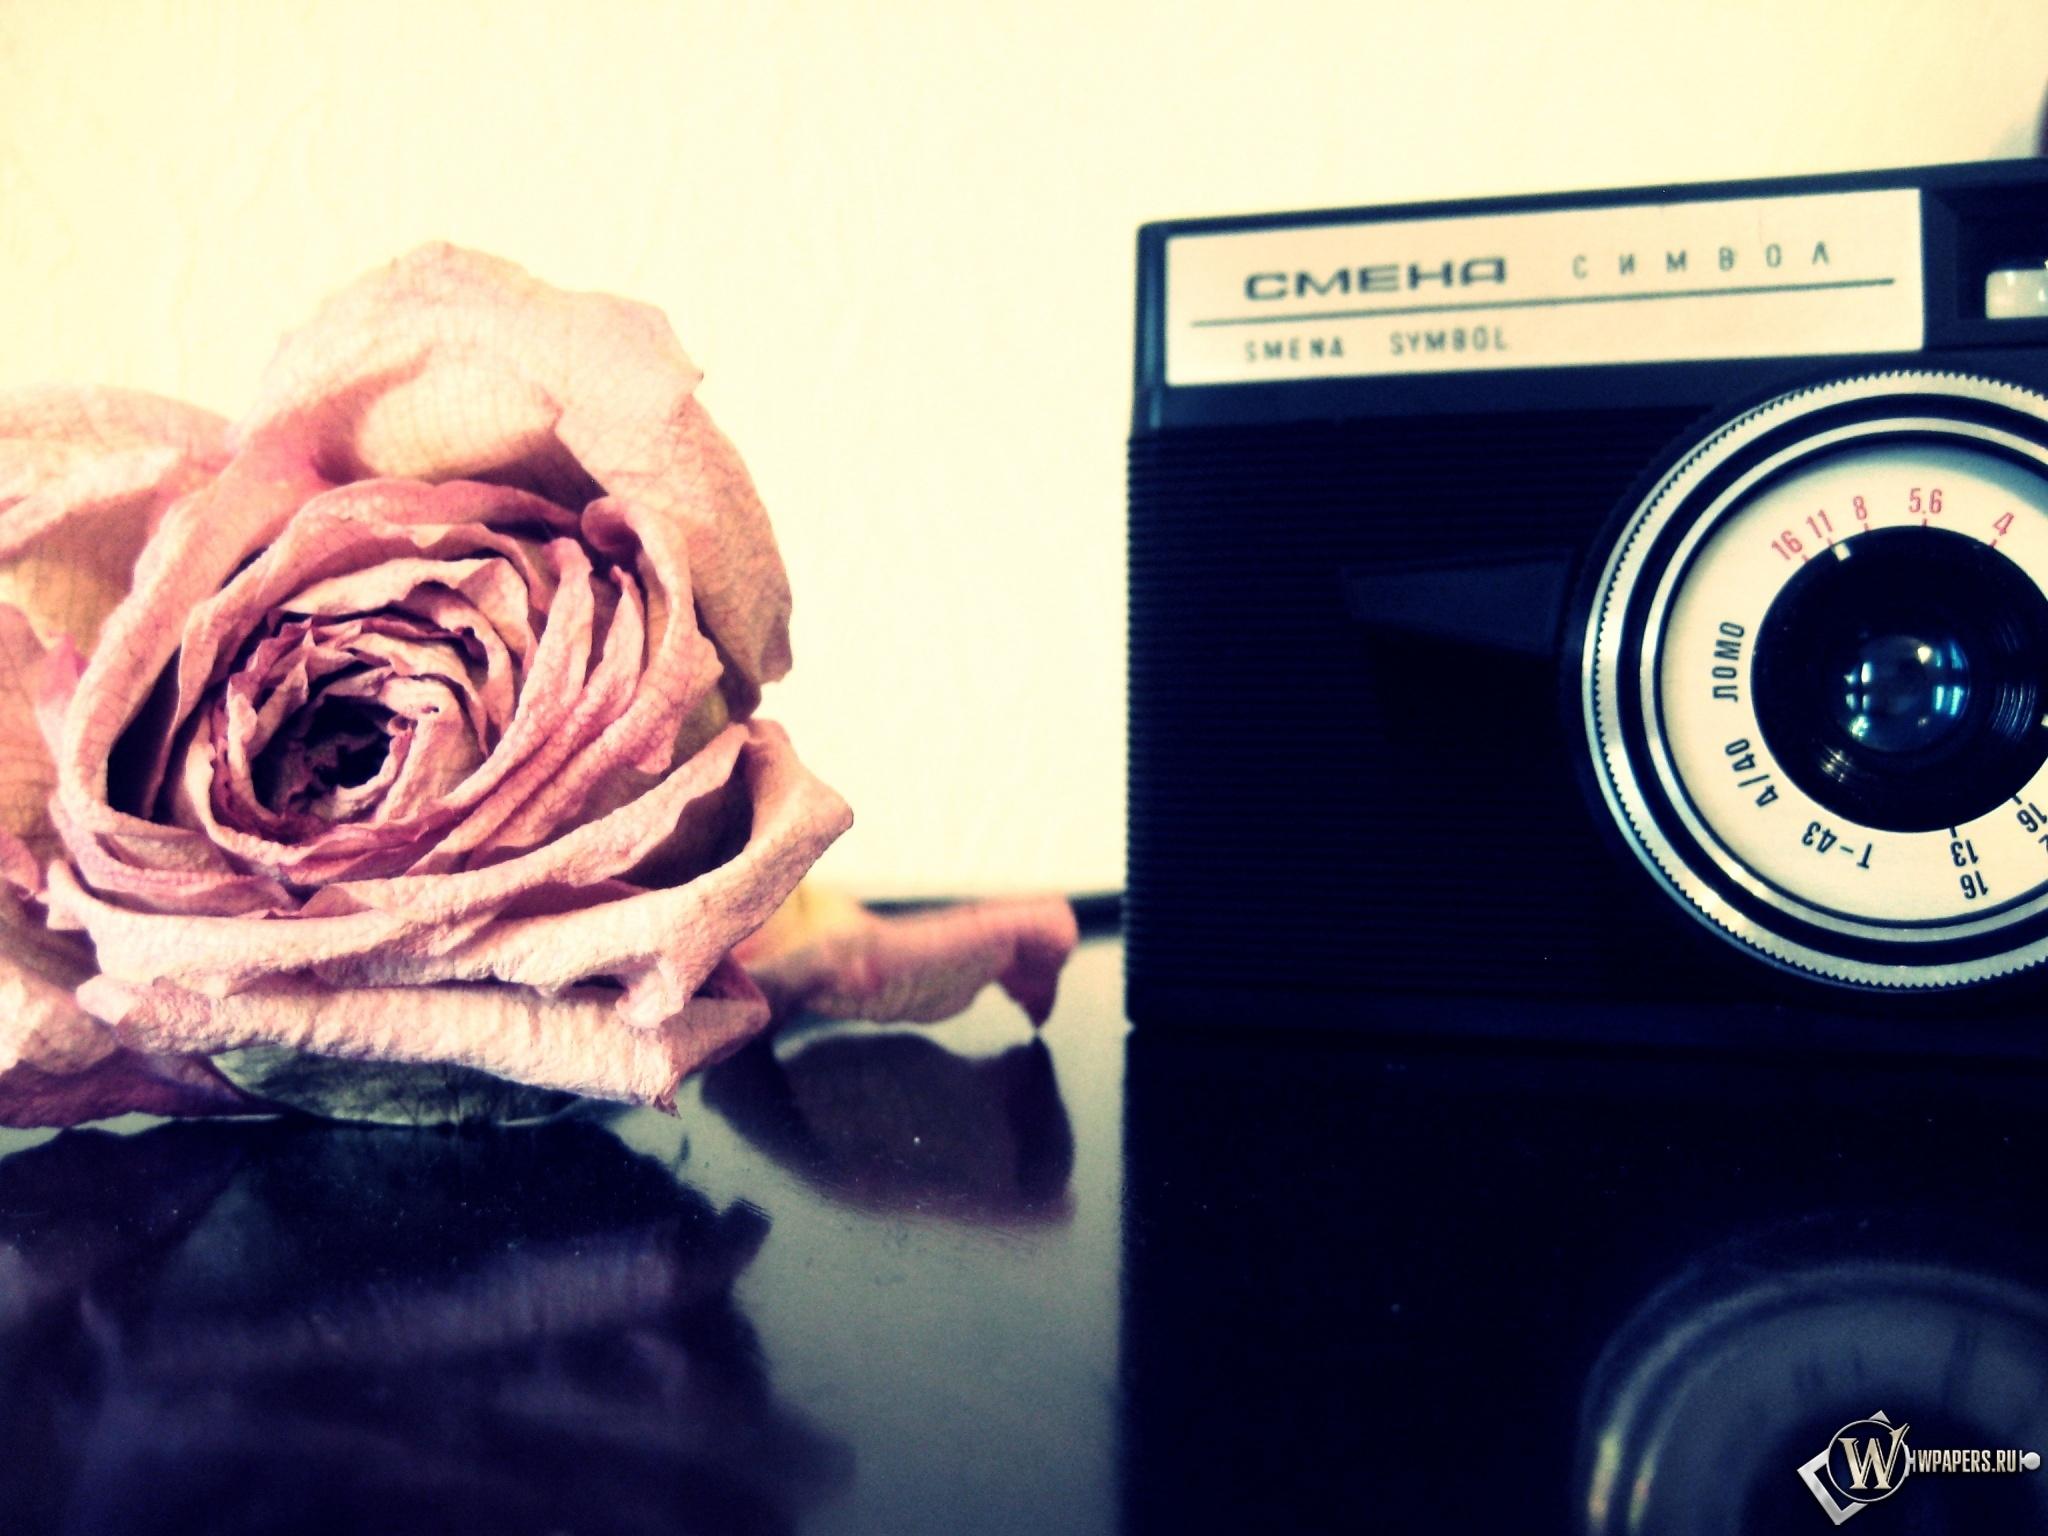 Роза и фотоаппарат 2048x1536